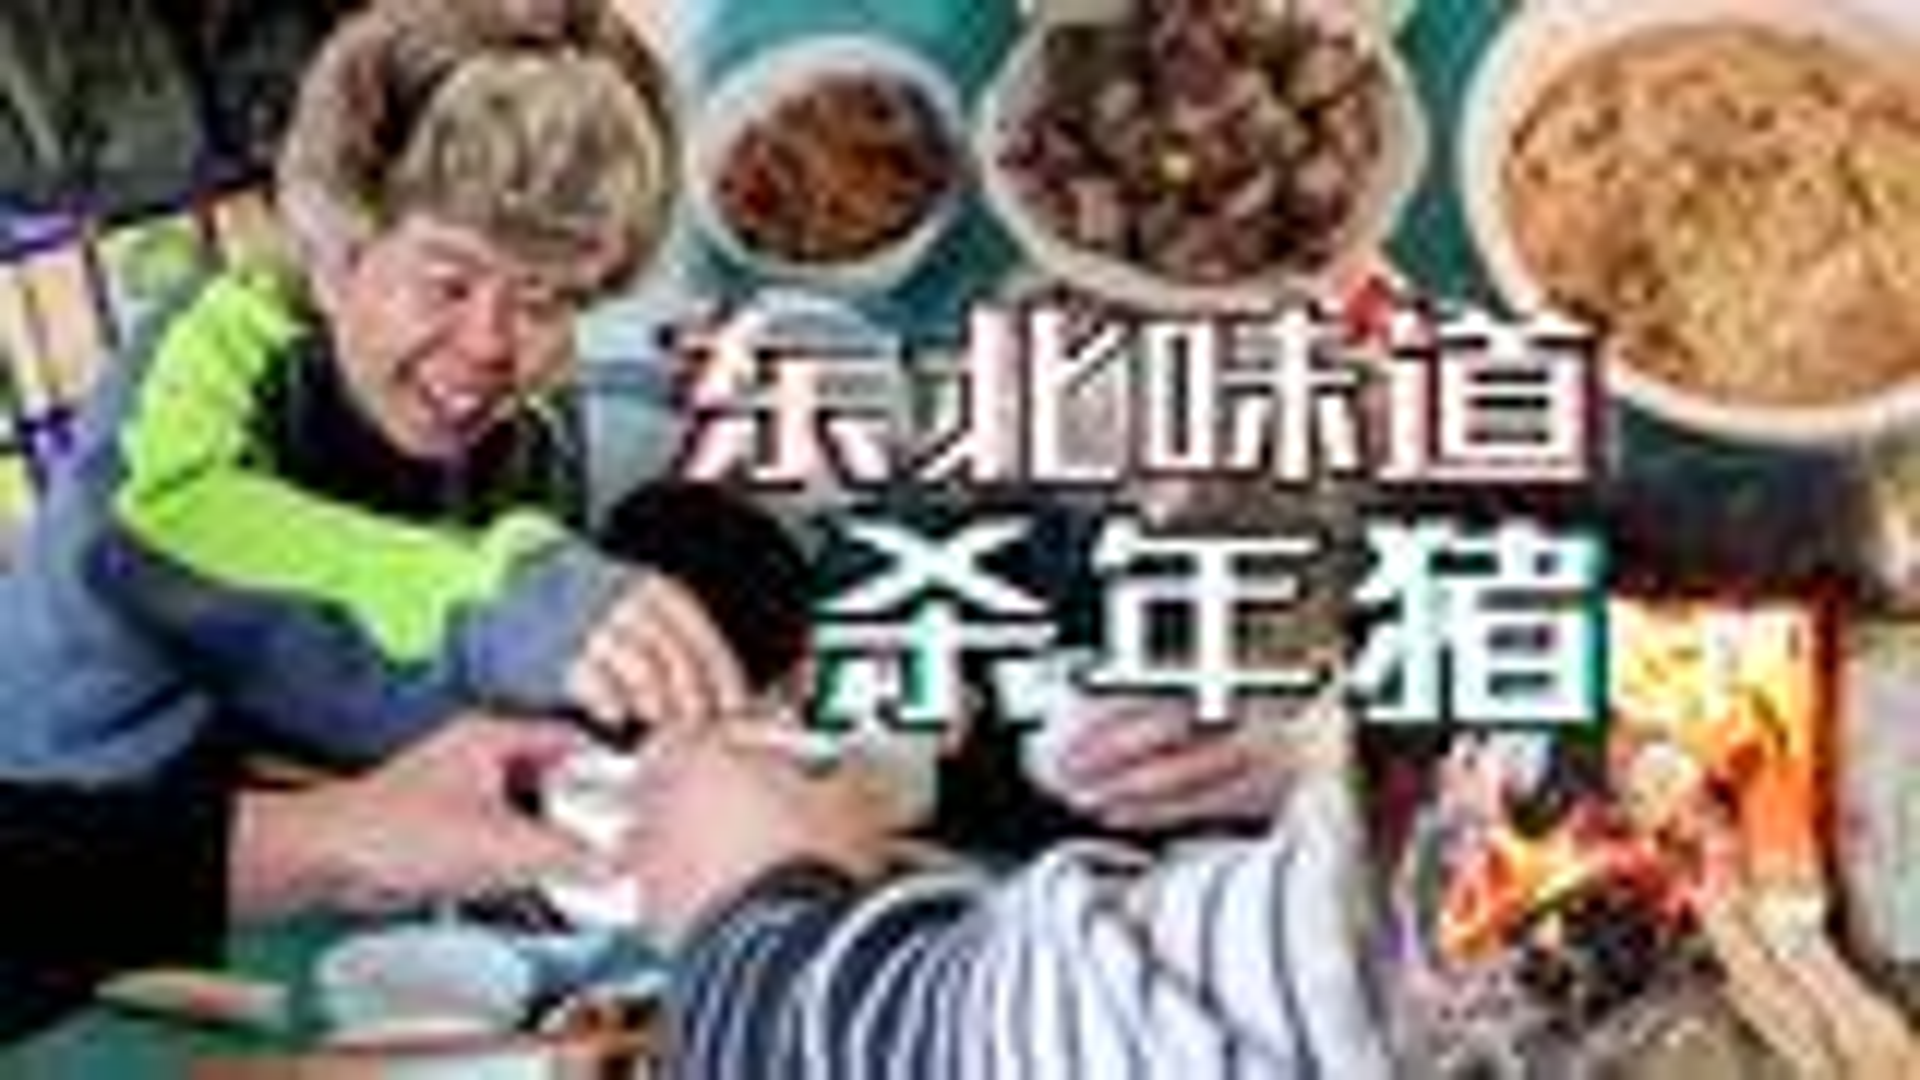 东北农村杀年猪, 小伙吃上一顿杀猪菜,猪肉炖酸菜真的太香了